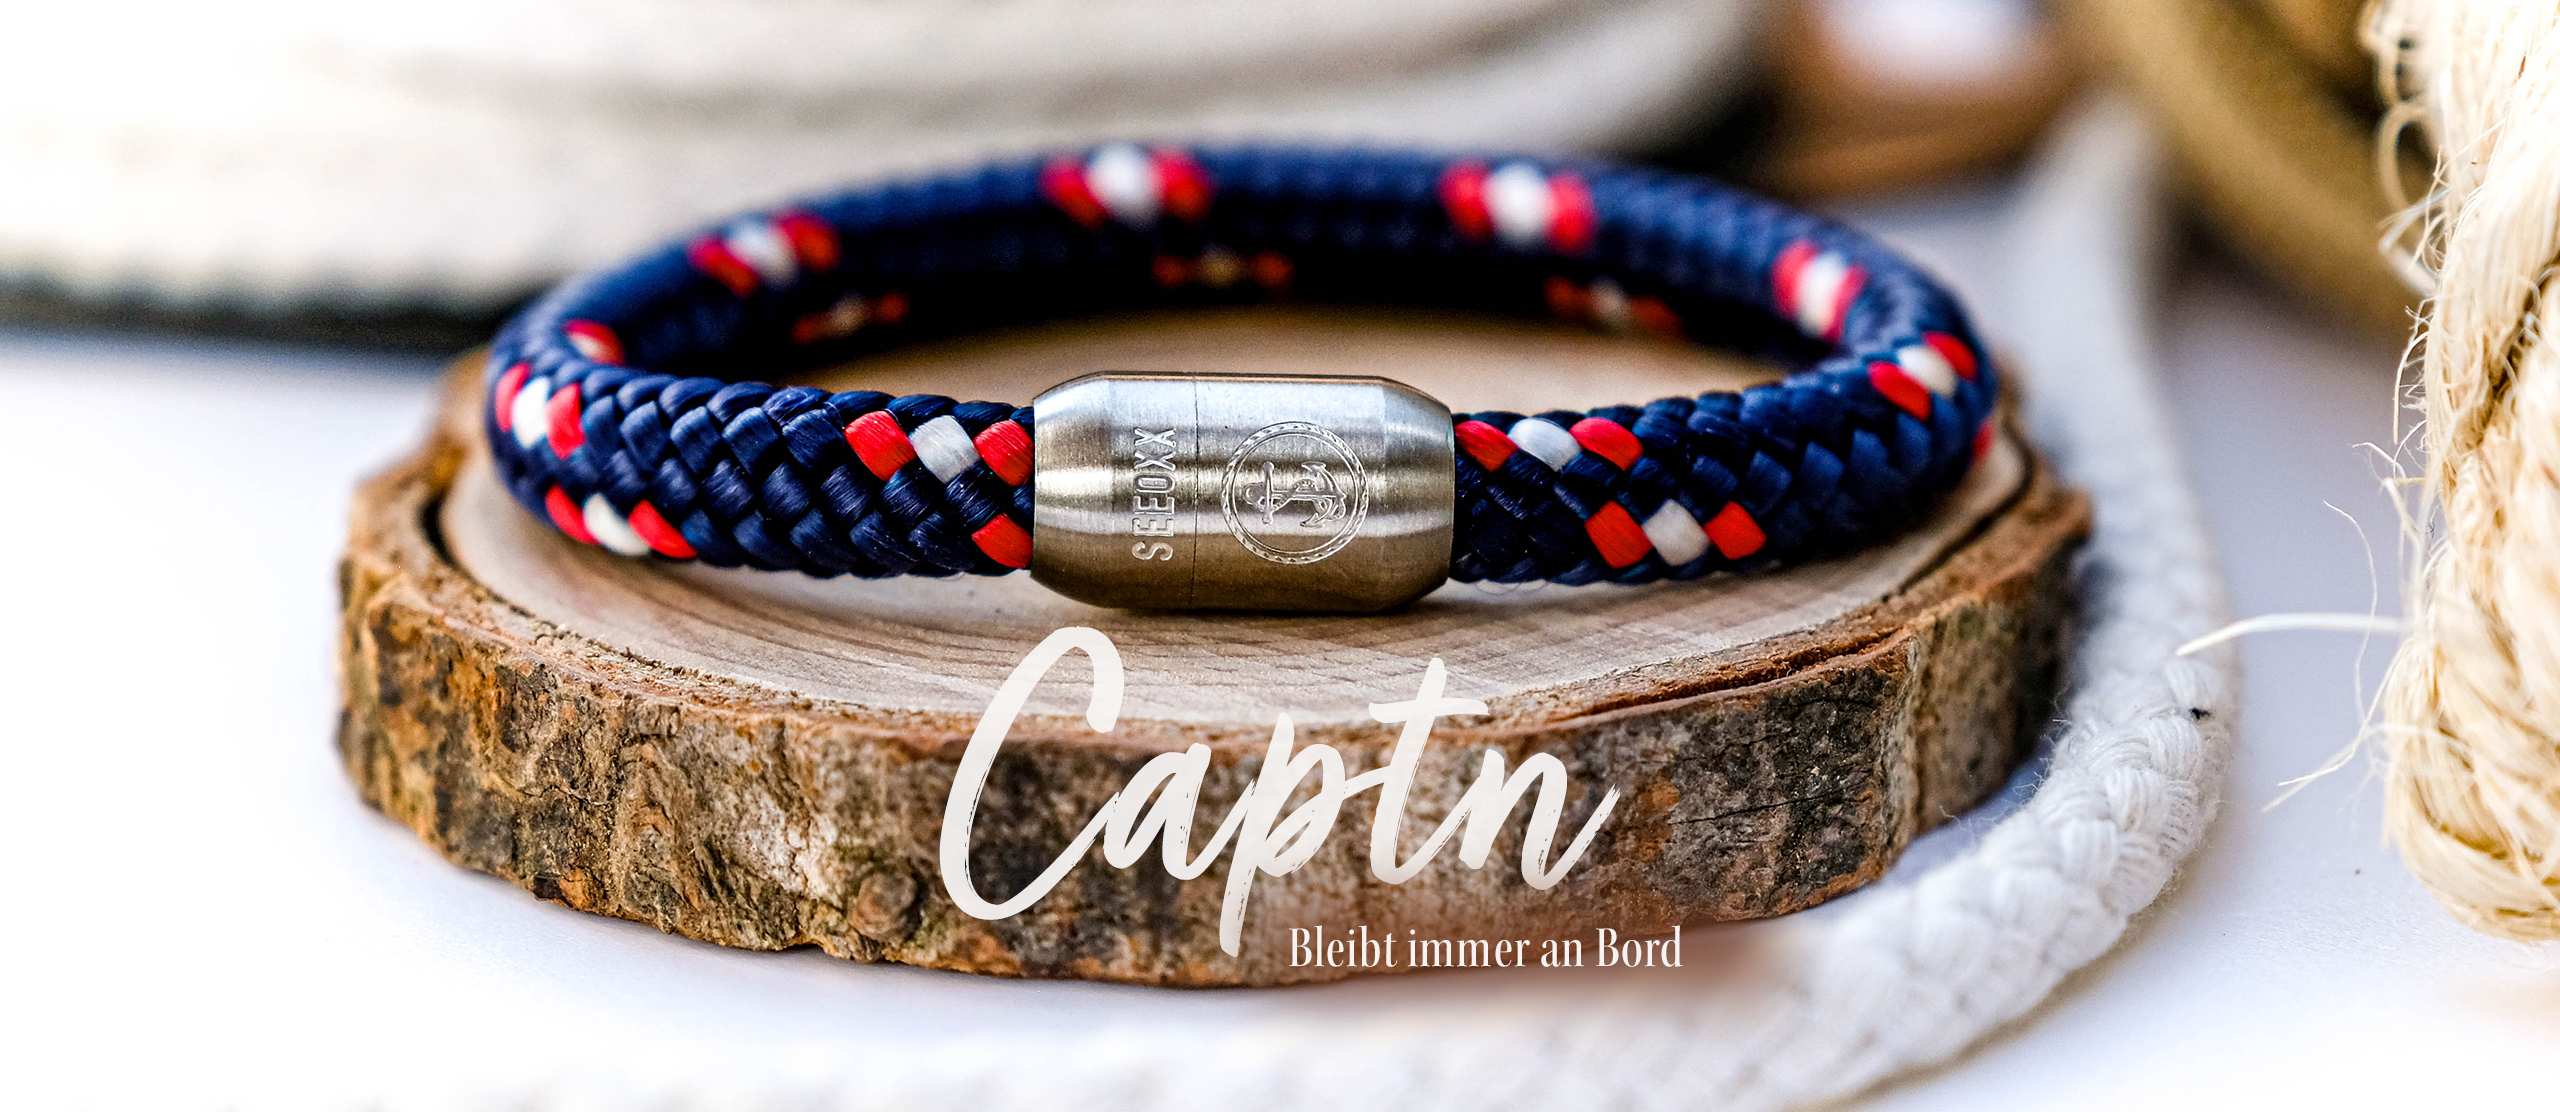 Captn bleibt an bord